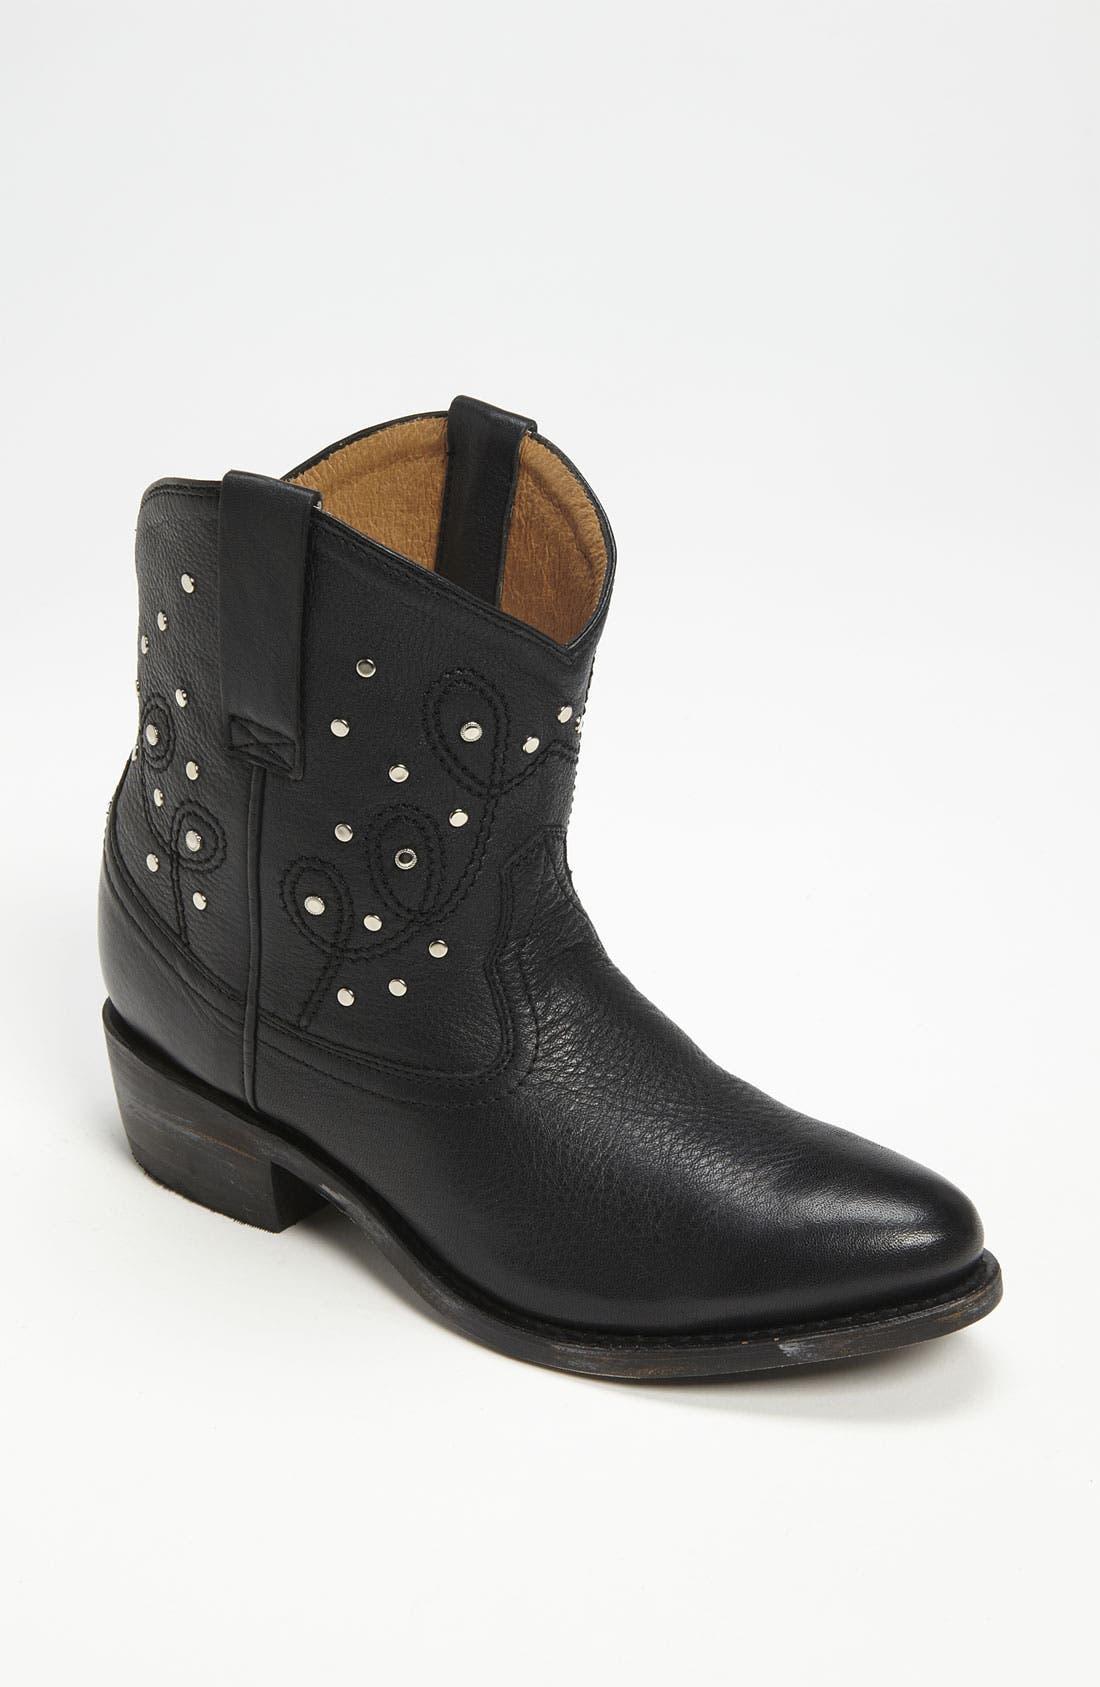 Main Image - Miz Mooz 'Cozumel' Boot